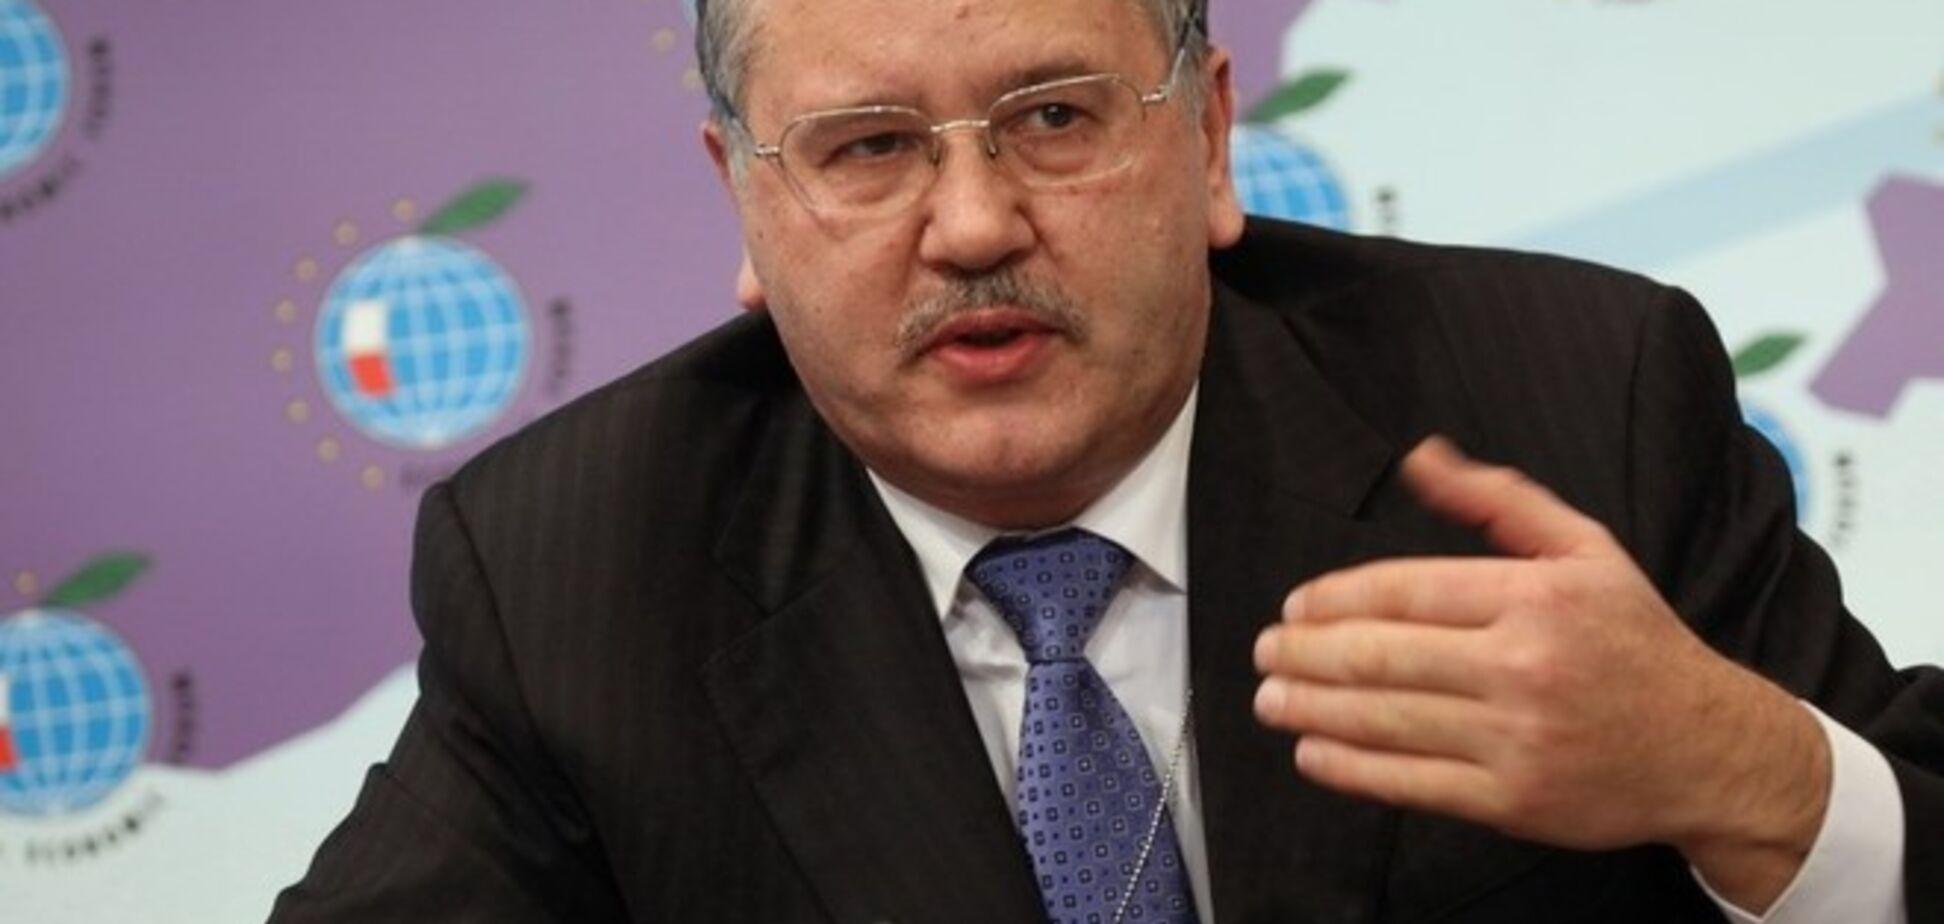 У Партії регіонів немає права на існування - Гриценко